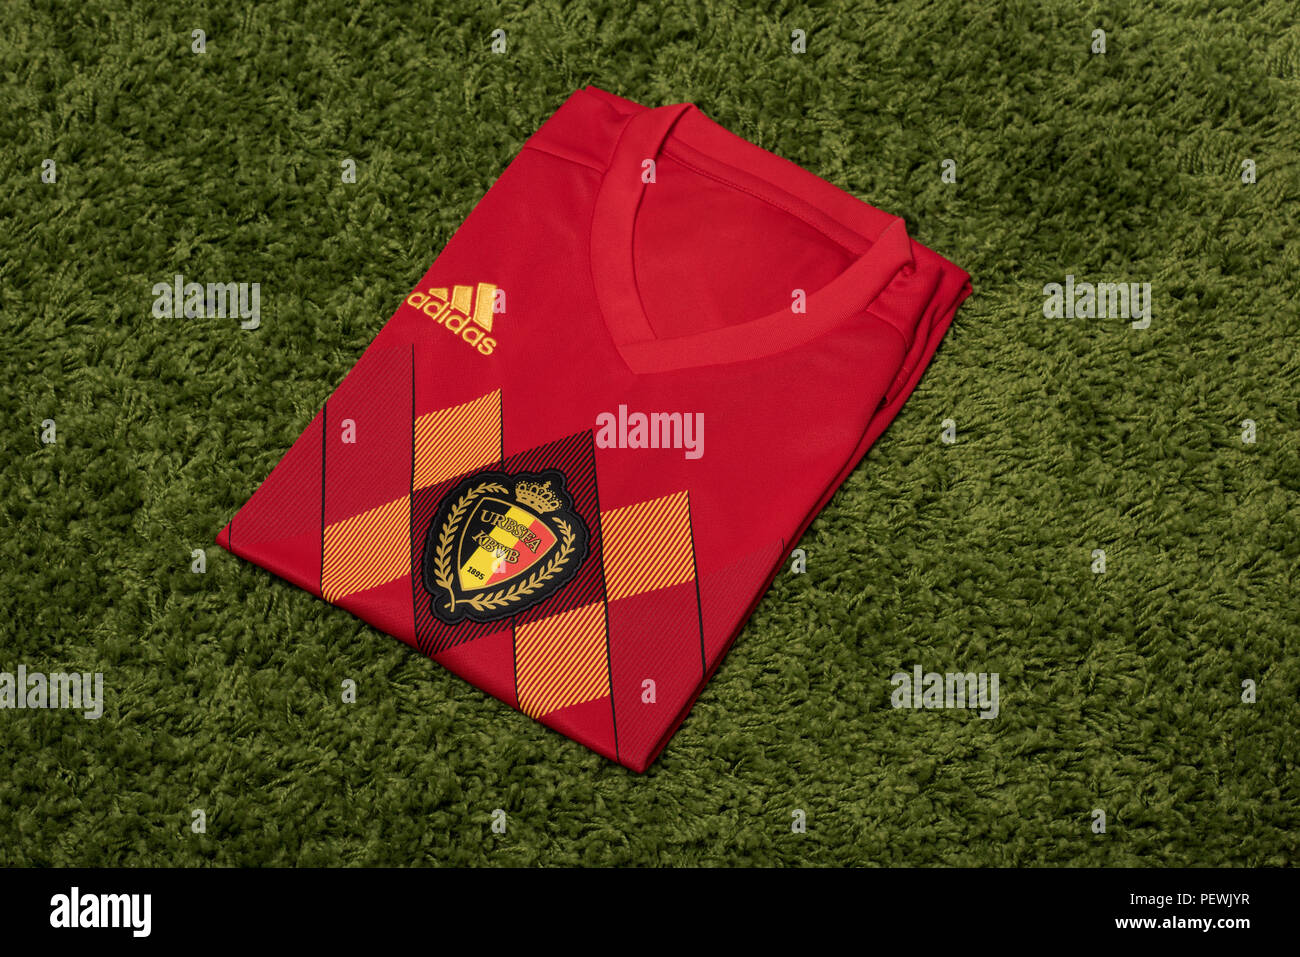 7a0b6815cfa Belgium National Football Team Kit Stock Photos   Belgium National ...